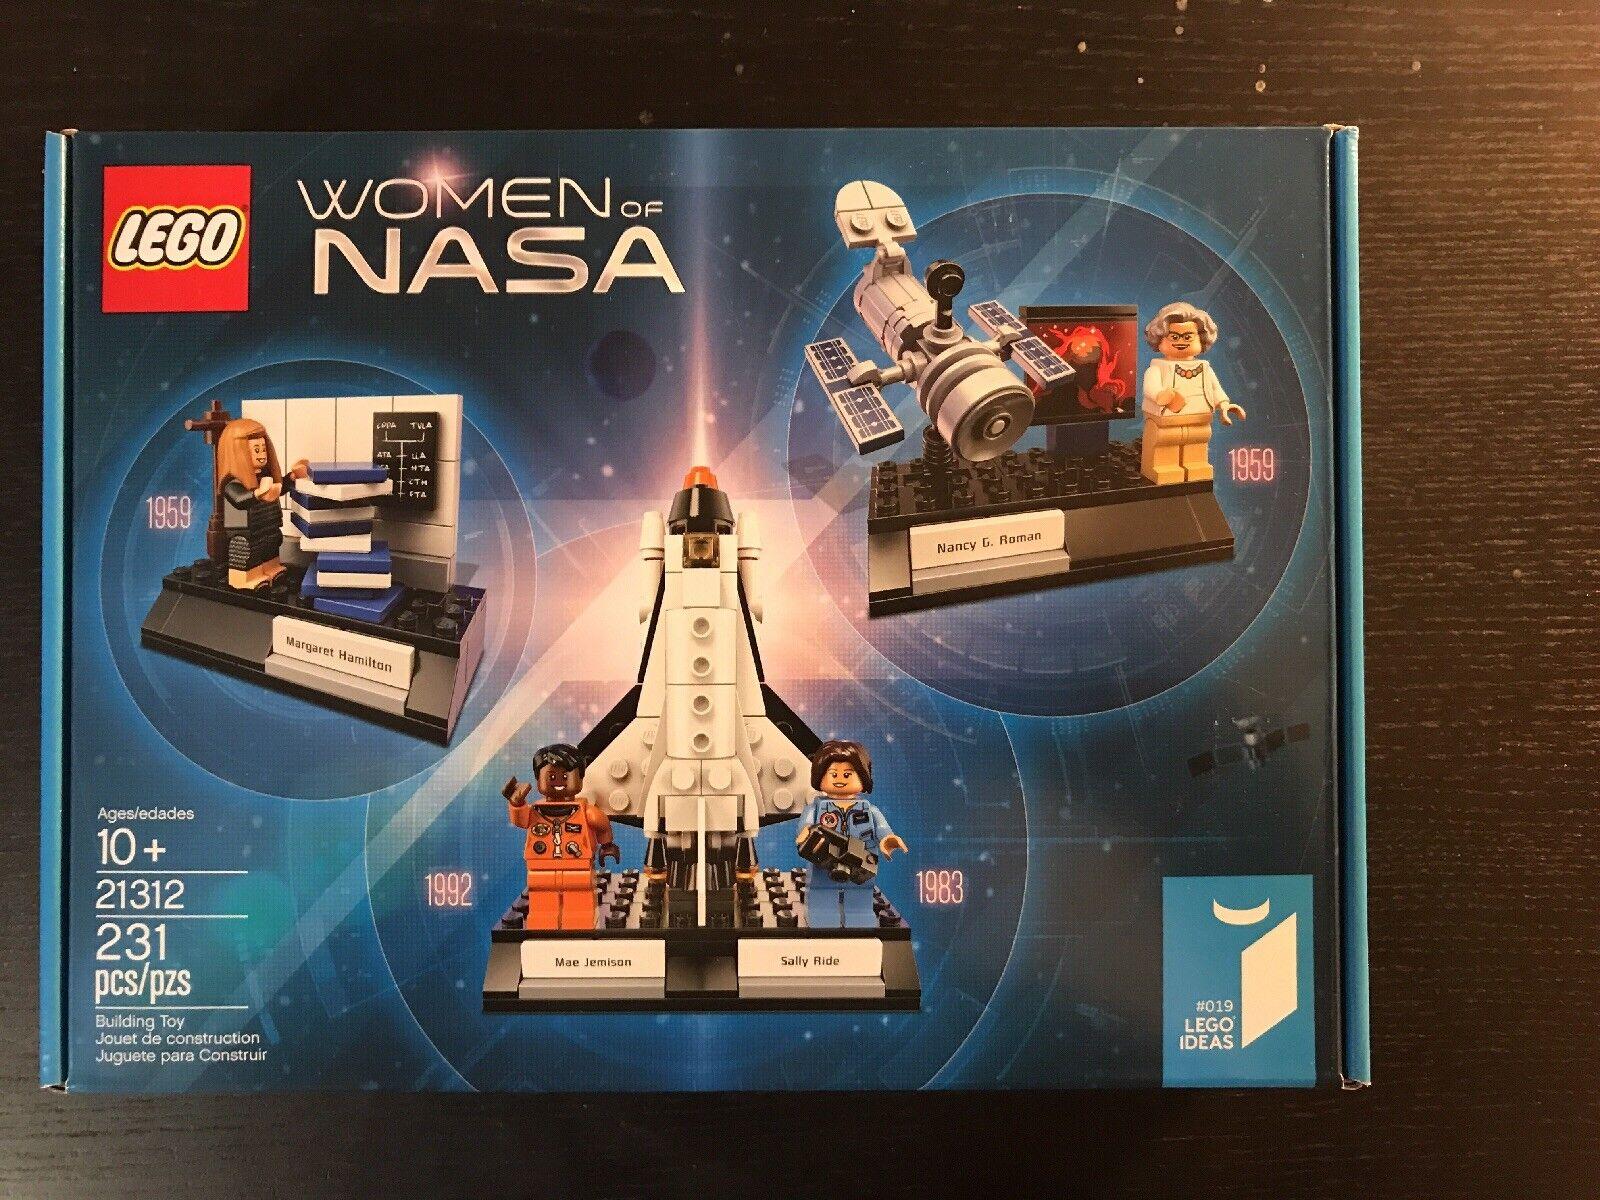 nuovo LEGO IDEAS  donna Of NASA Set  21312 IN-He  SEALED gratuito SHIPPING  231pcs.  basso prezzo del 40%